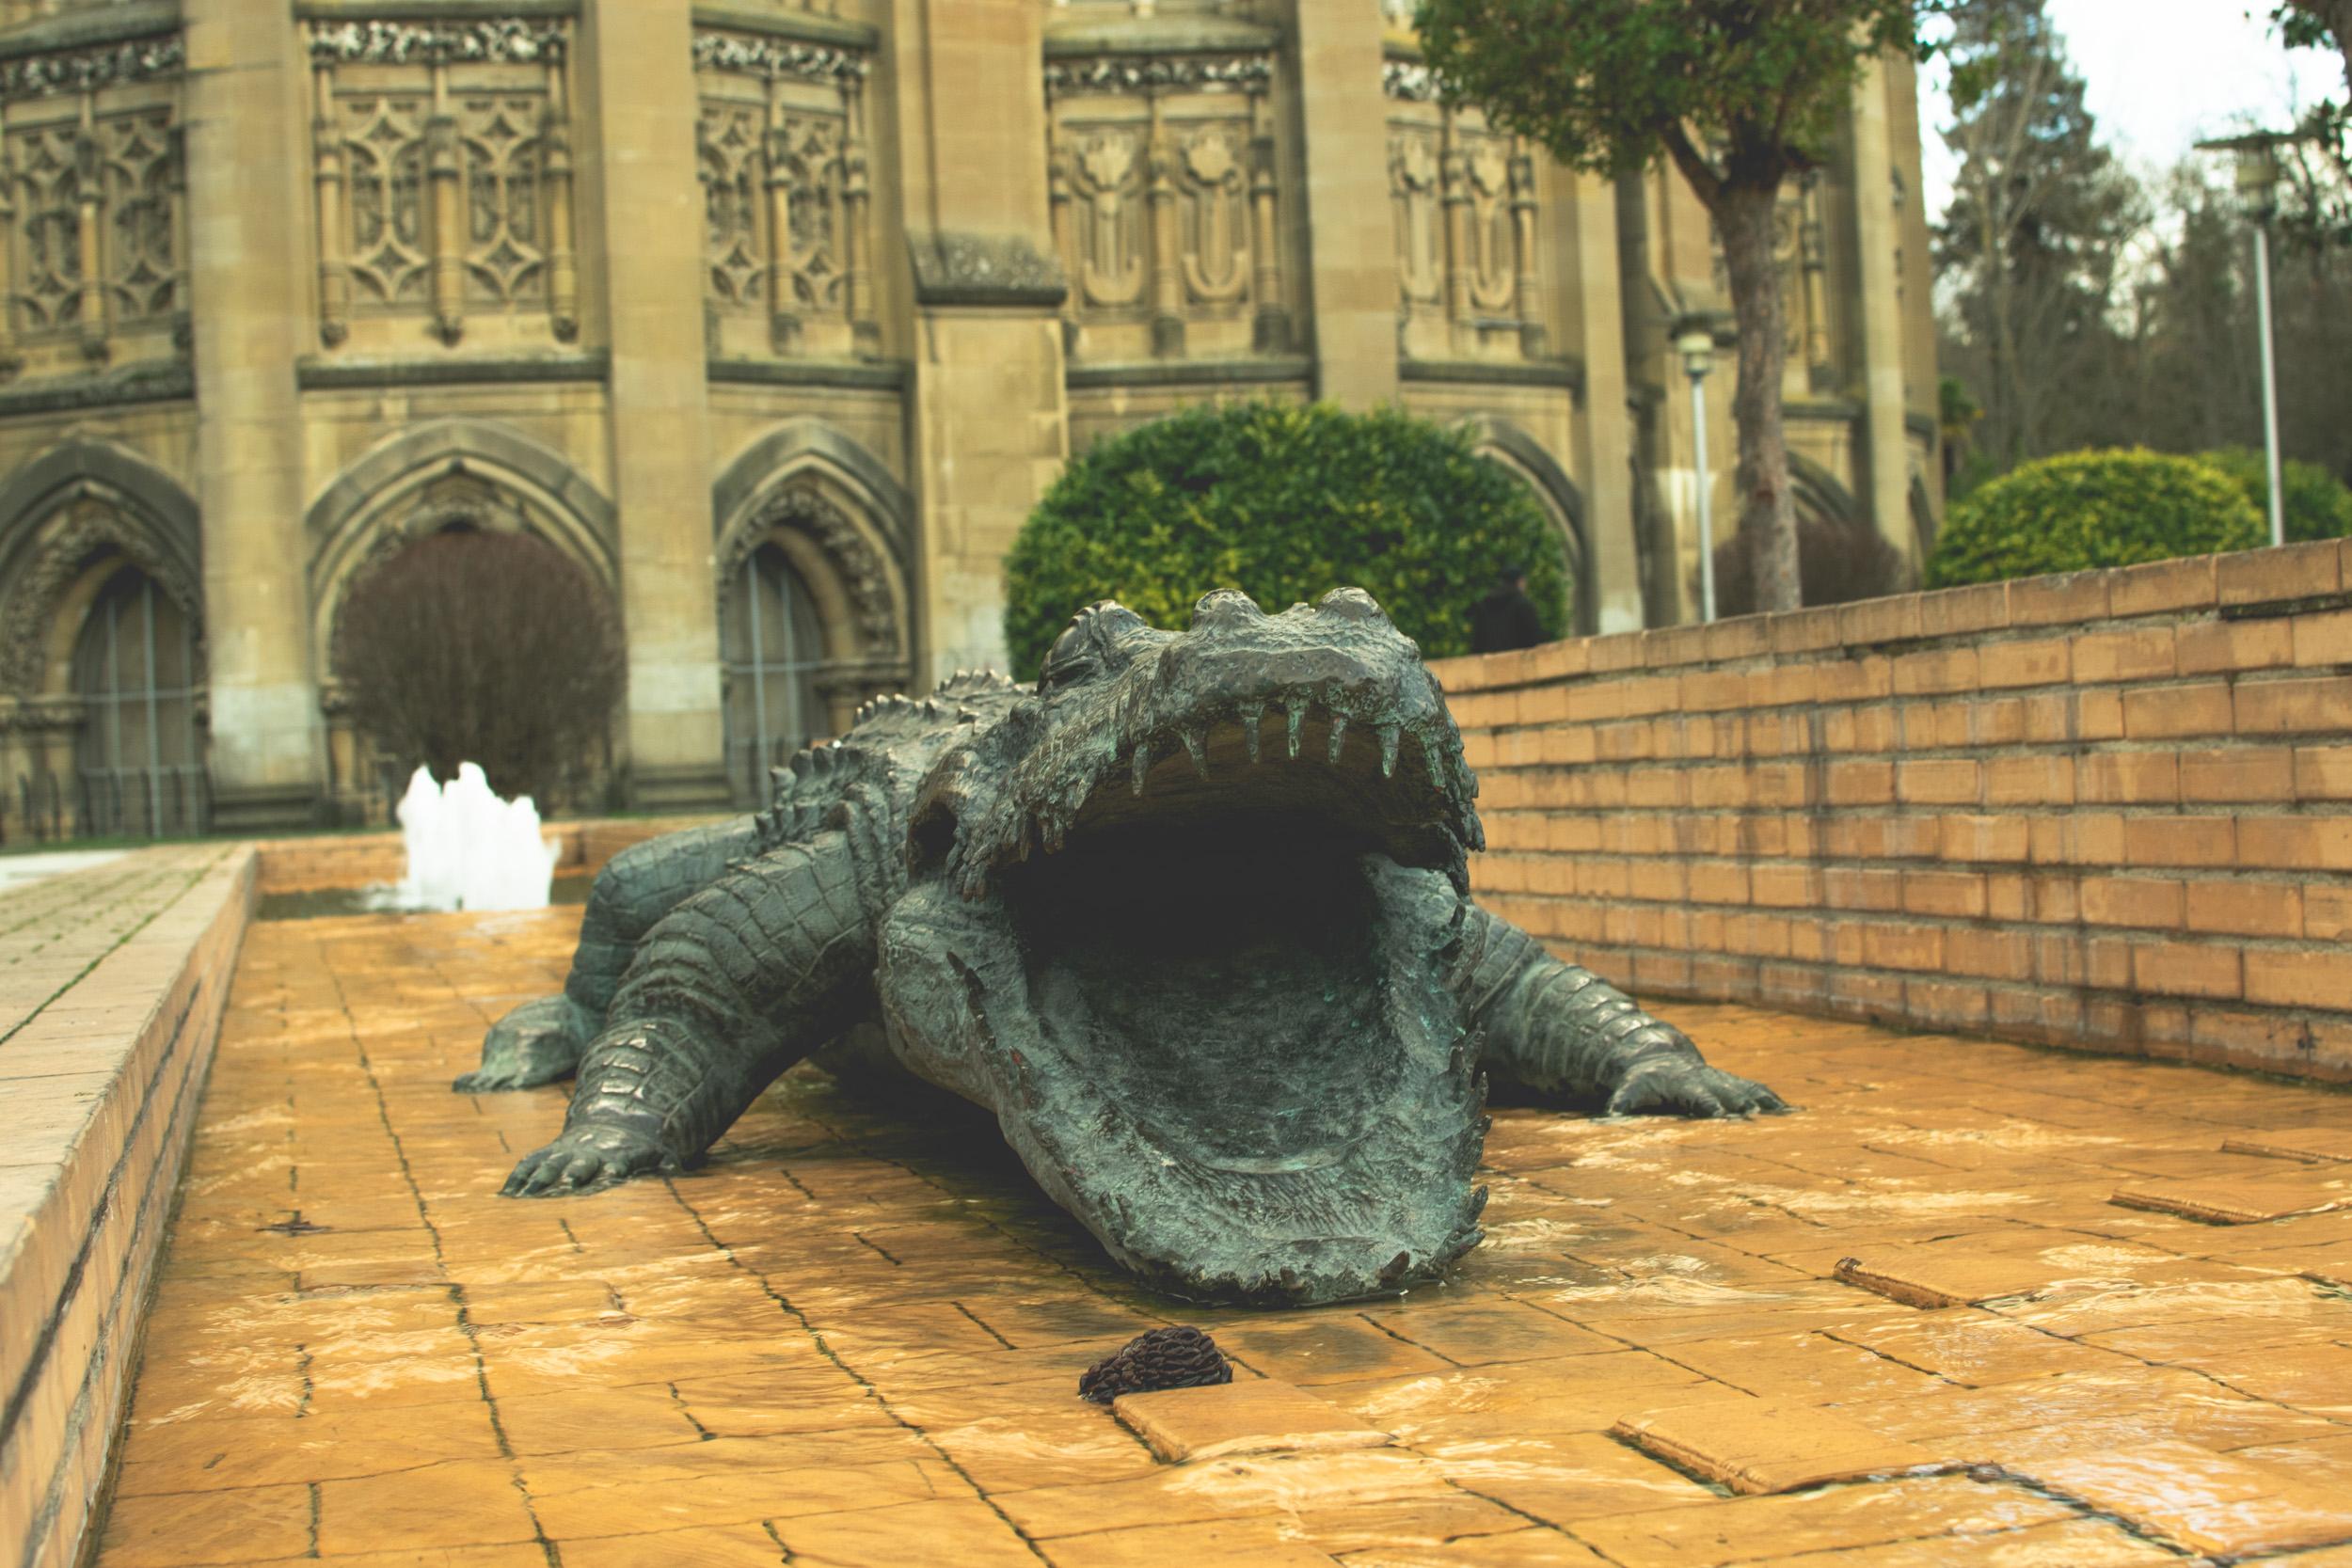 vitoria alligator statue